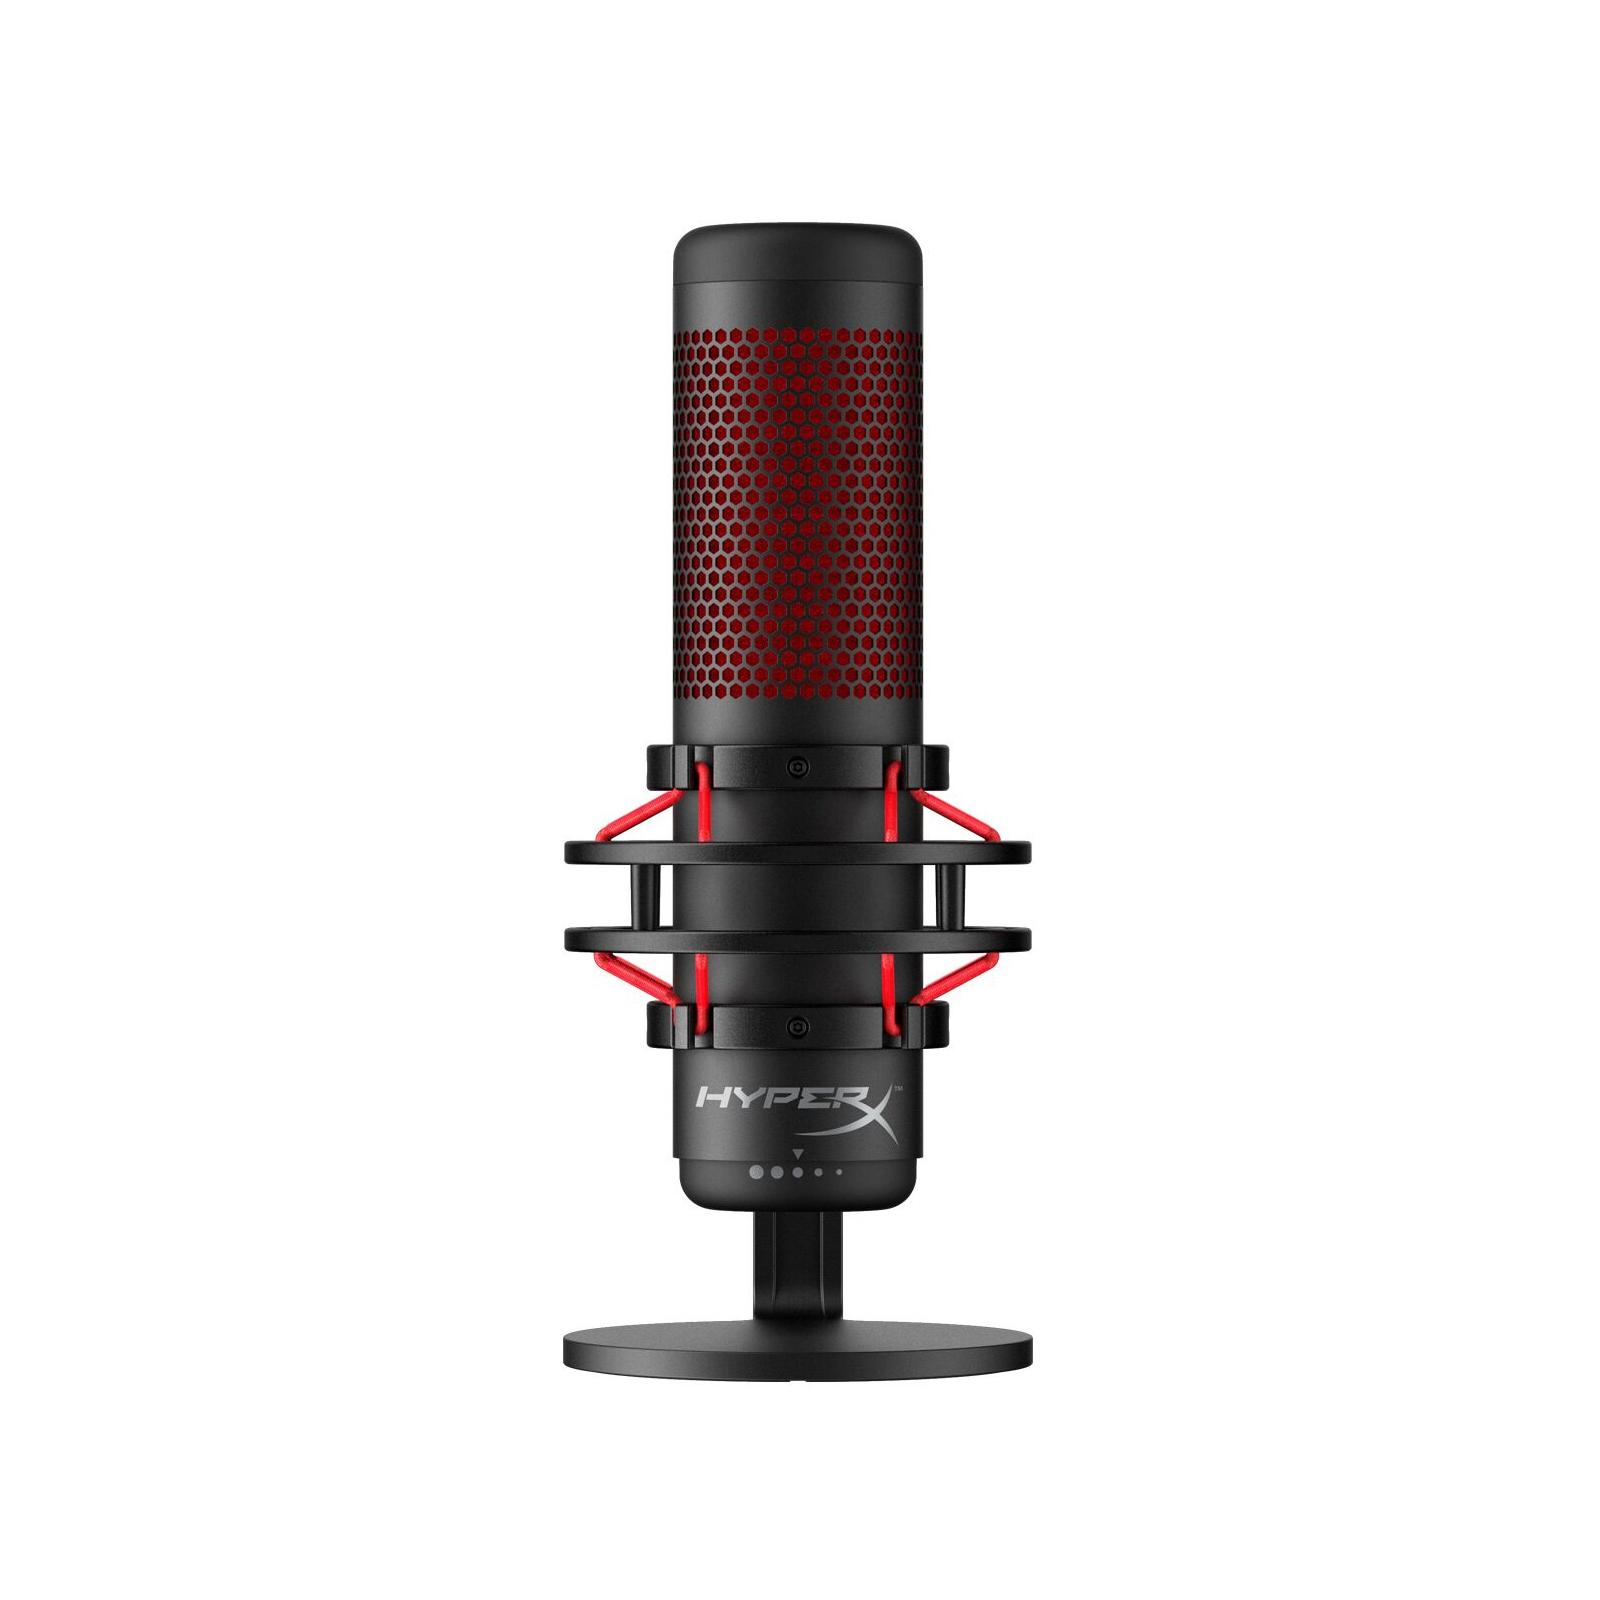 Мікрофон HyperX Quadcast (HX-MICQC-BK) зображення 8